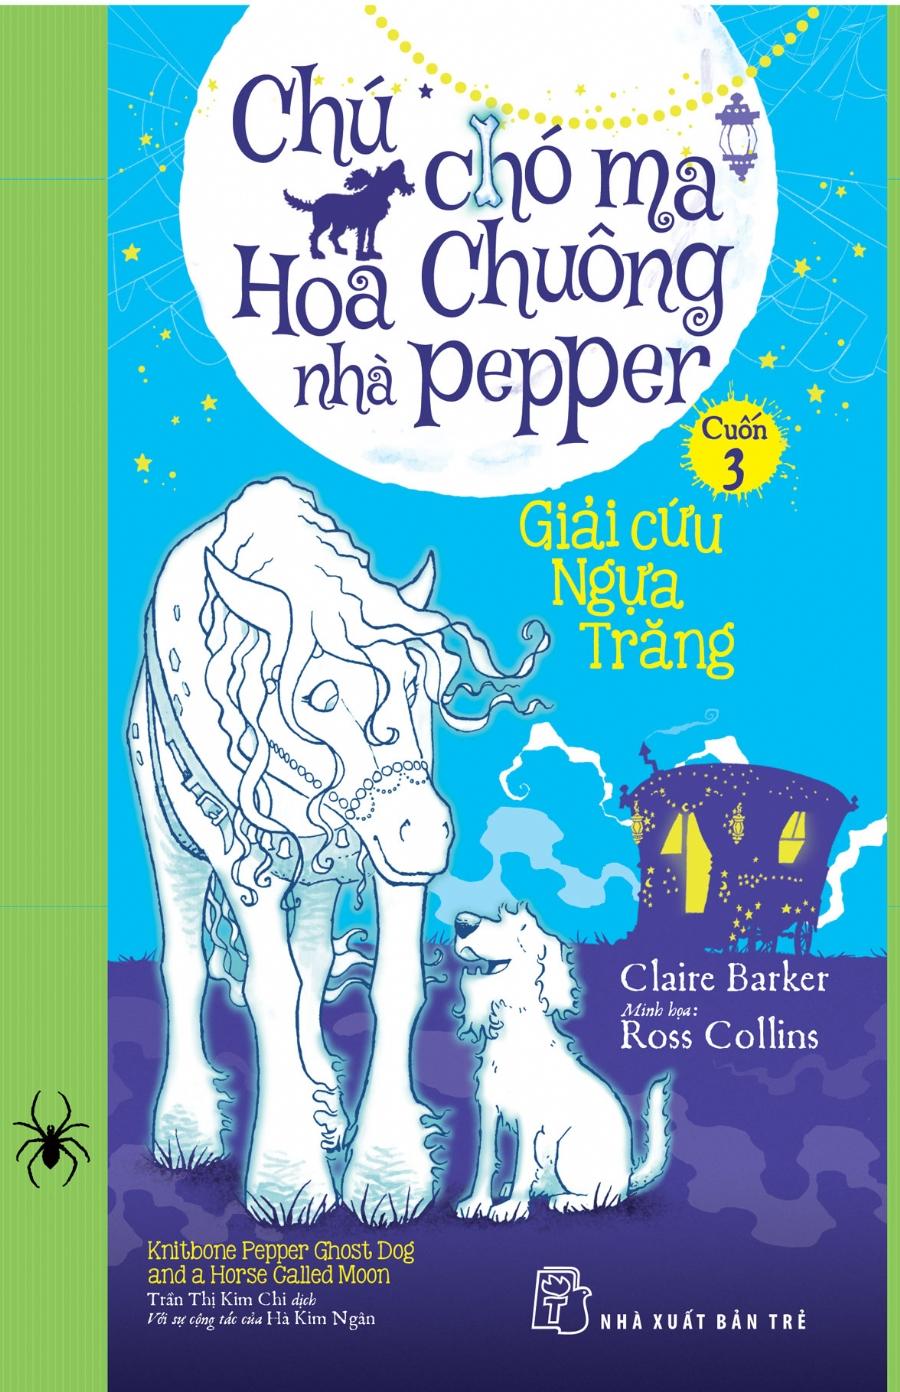 Chú Chó Ma Hoa Chuông Nhà Pepper Tập 3 - Giải Cứu Ngựa Trắng